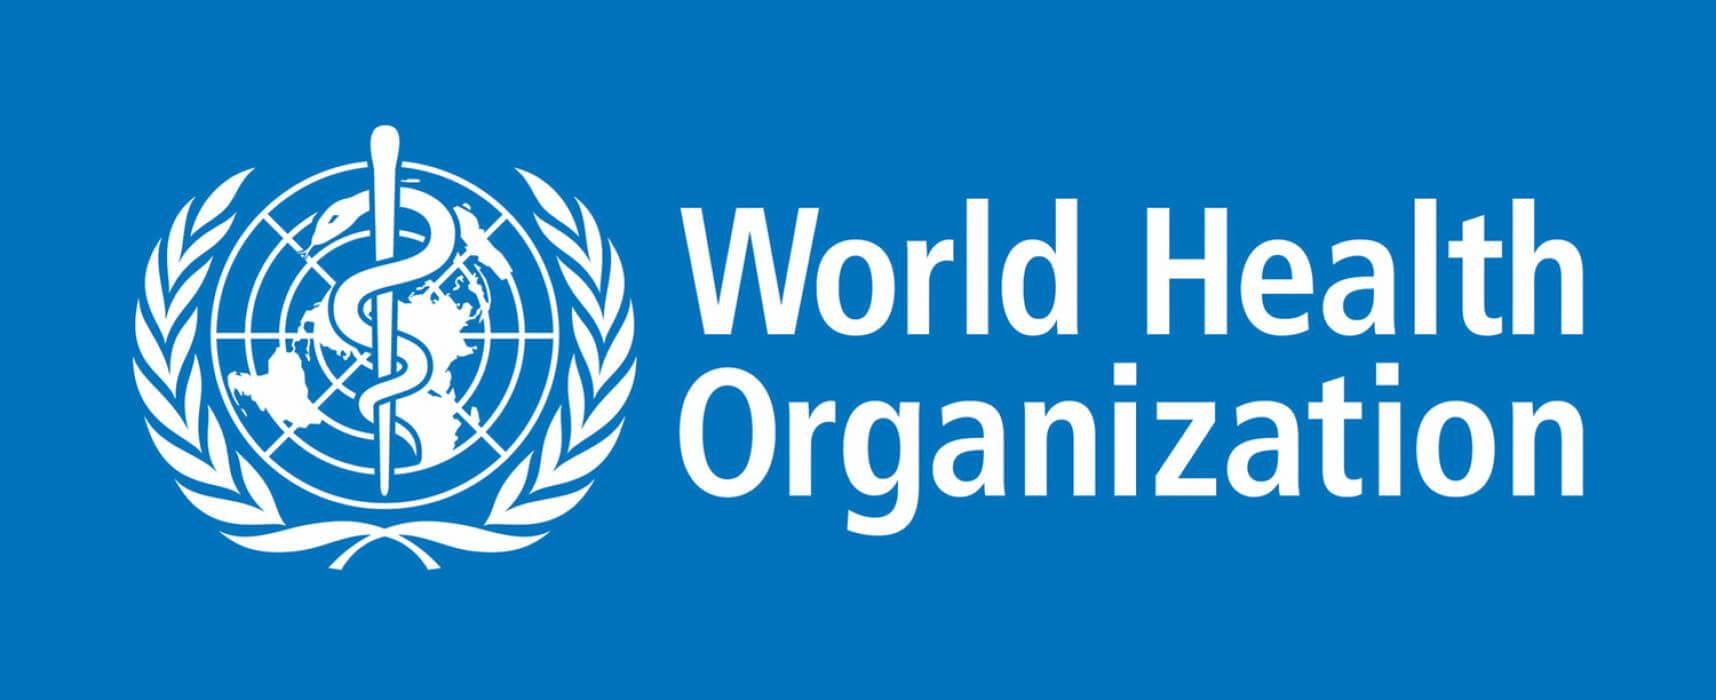 L'Organizzazione Mondiale della Sanità (OMS) chiede la depenalizzazione del possesso e dell'uso di droghe a livello personale